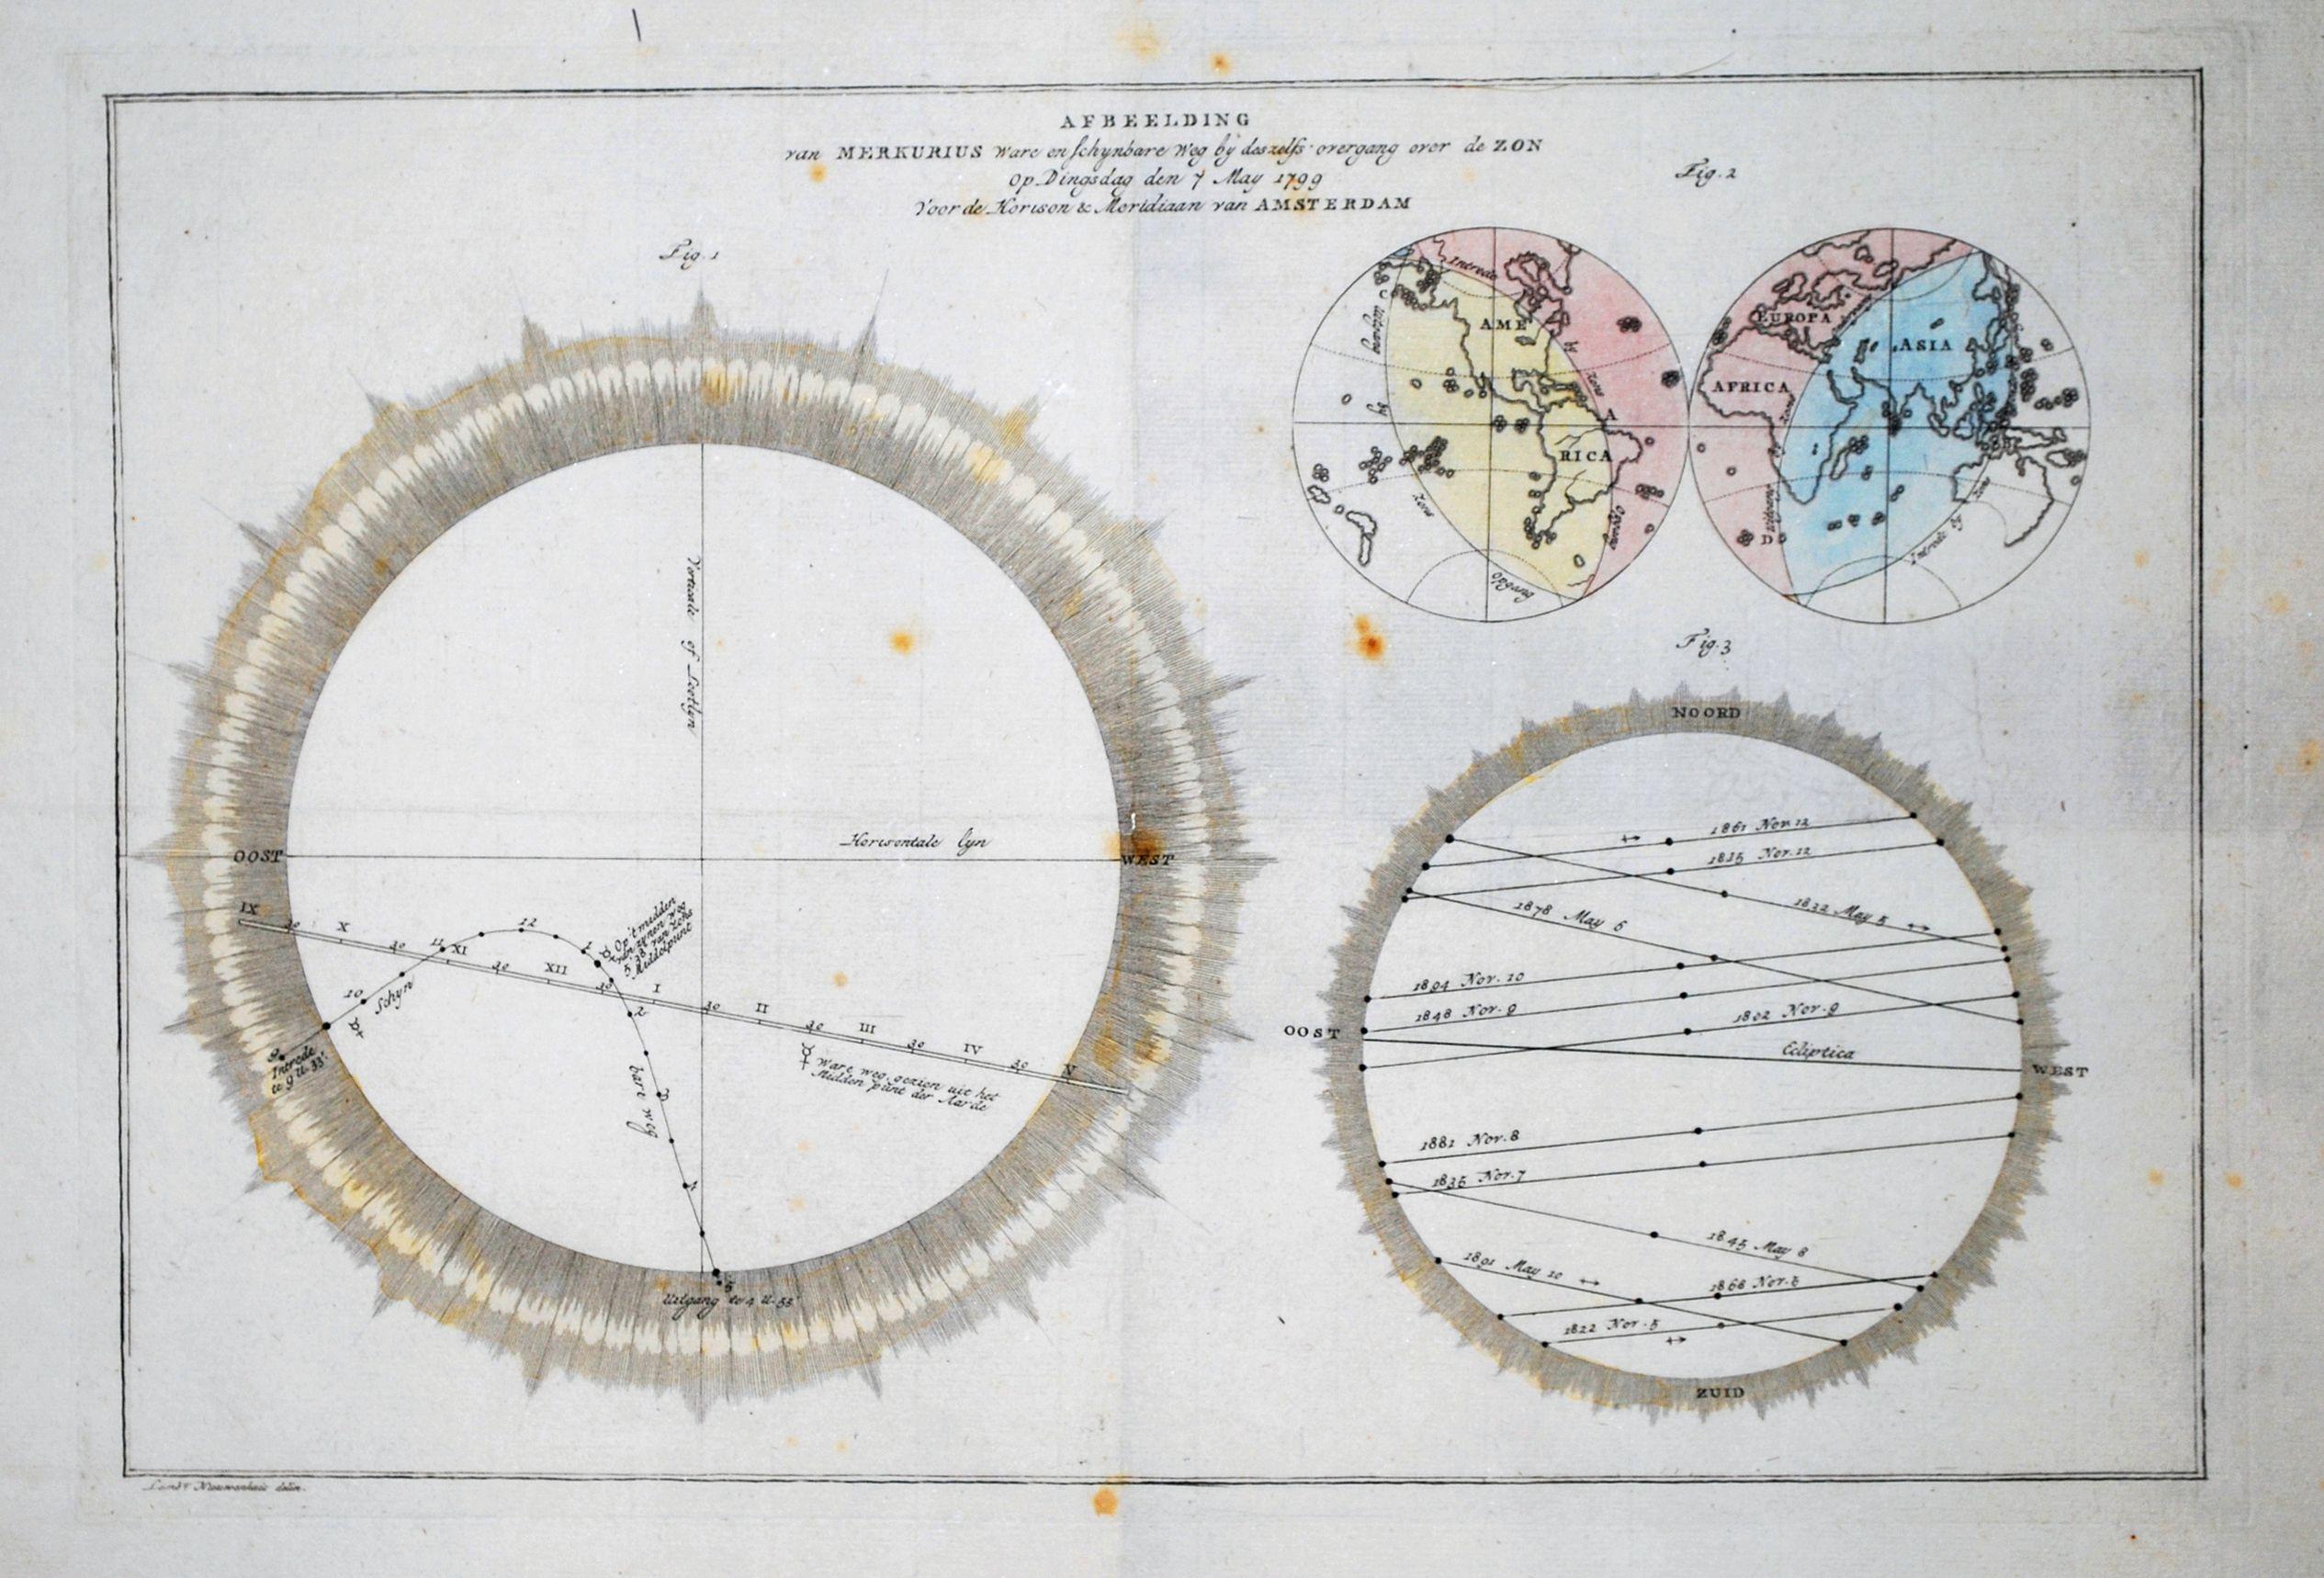 NIEUWENHUIS, L. Boerjes, J.P - Afbeelding van MERKURIUS Ware en schynbare Weg by deszelfs overgang over de ZON op Dingsdag den 7 May 1799 Voor de Horison en Meridiaan van AMSTERDAM. Plus Boerjes, J.P. Stereographische Projectie van de Aardkloot; in de Maan-Eclips op den 11den Julij 180